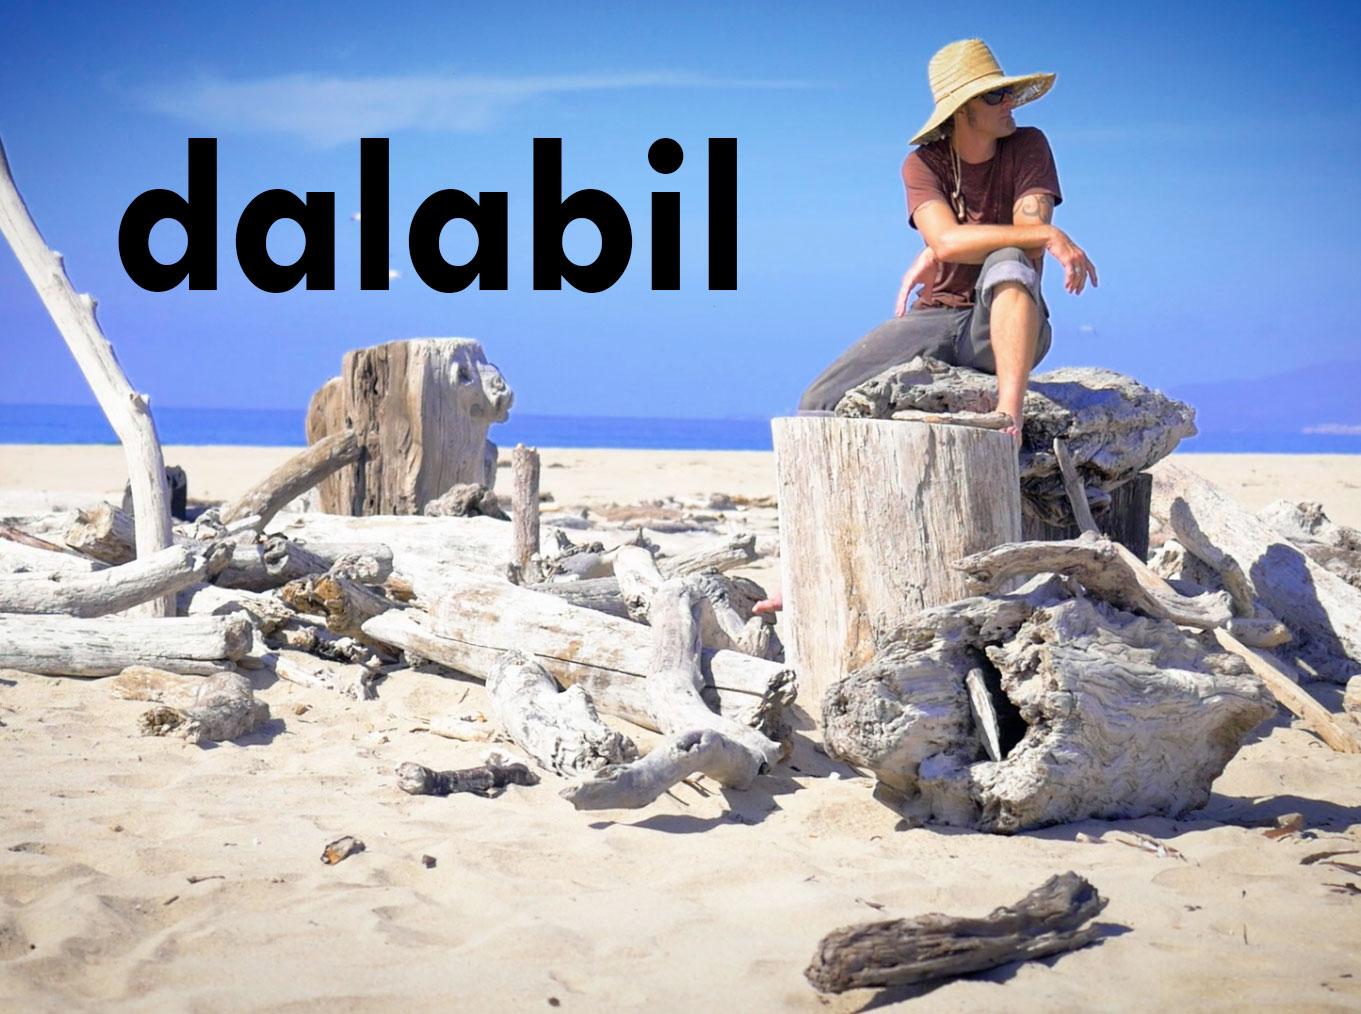 Dalabil